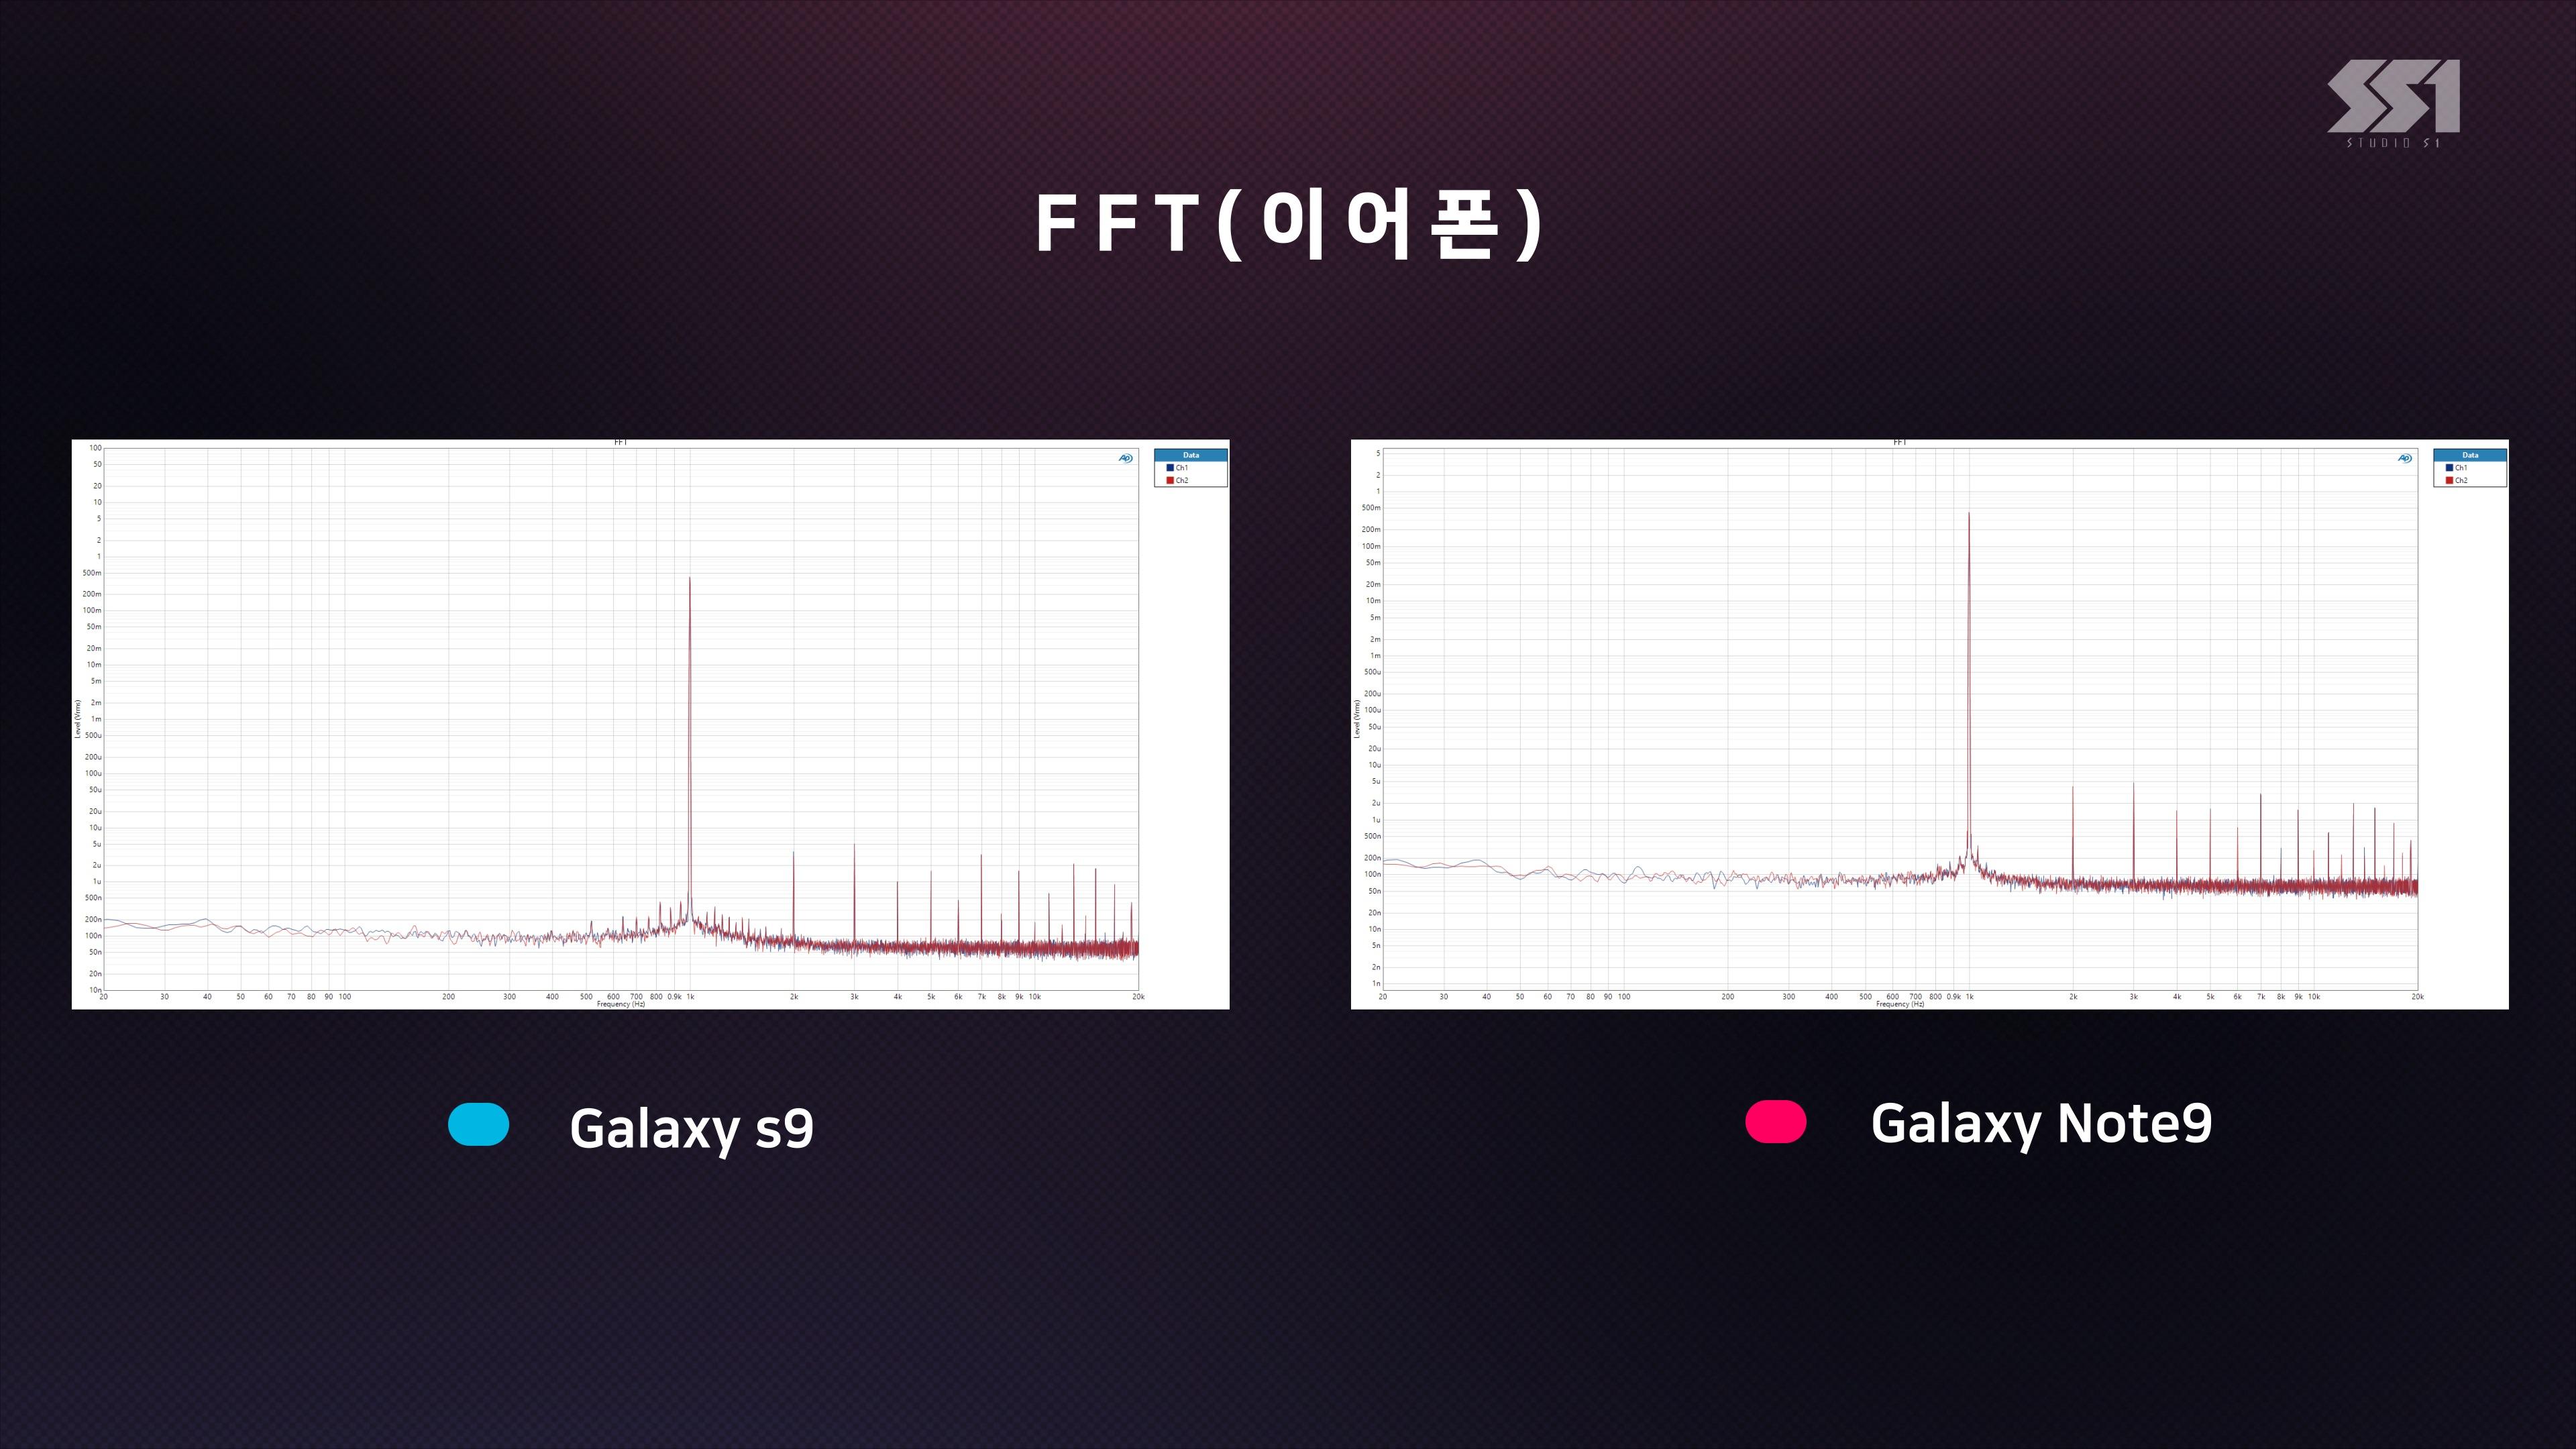 FFT(이어폰) (0;00;01;12).jpeg